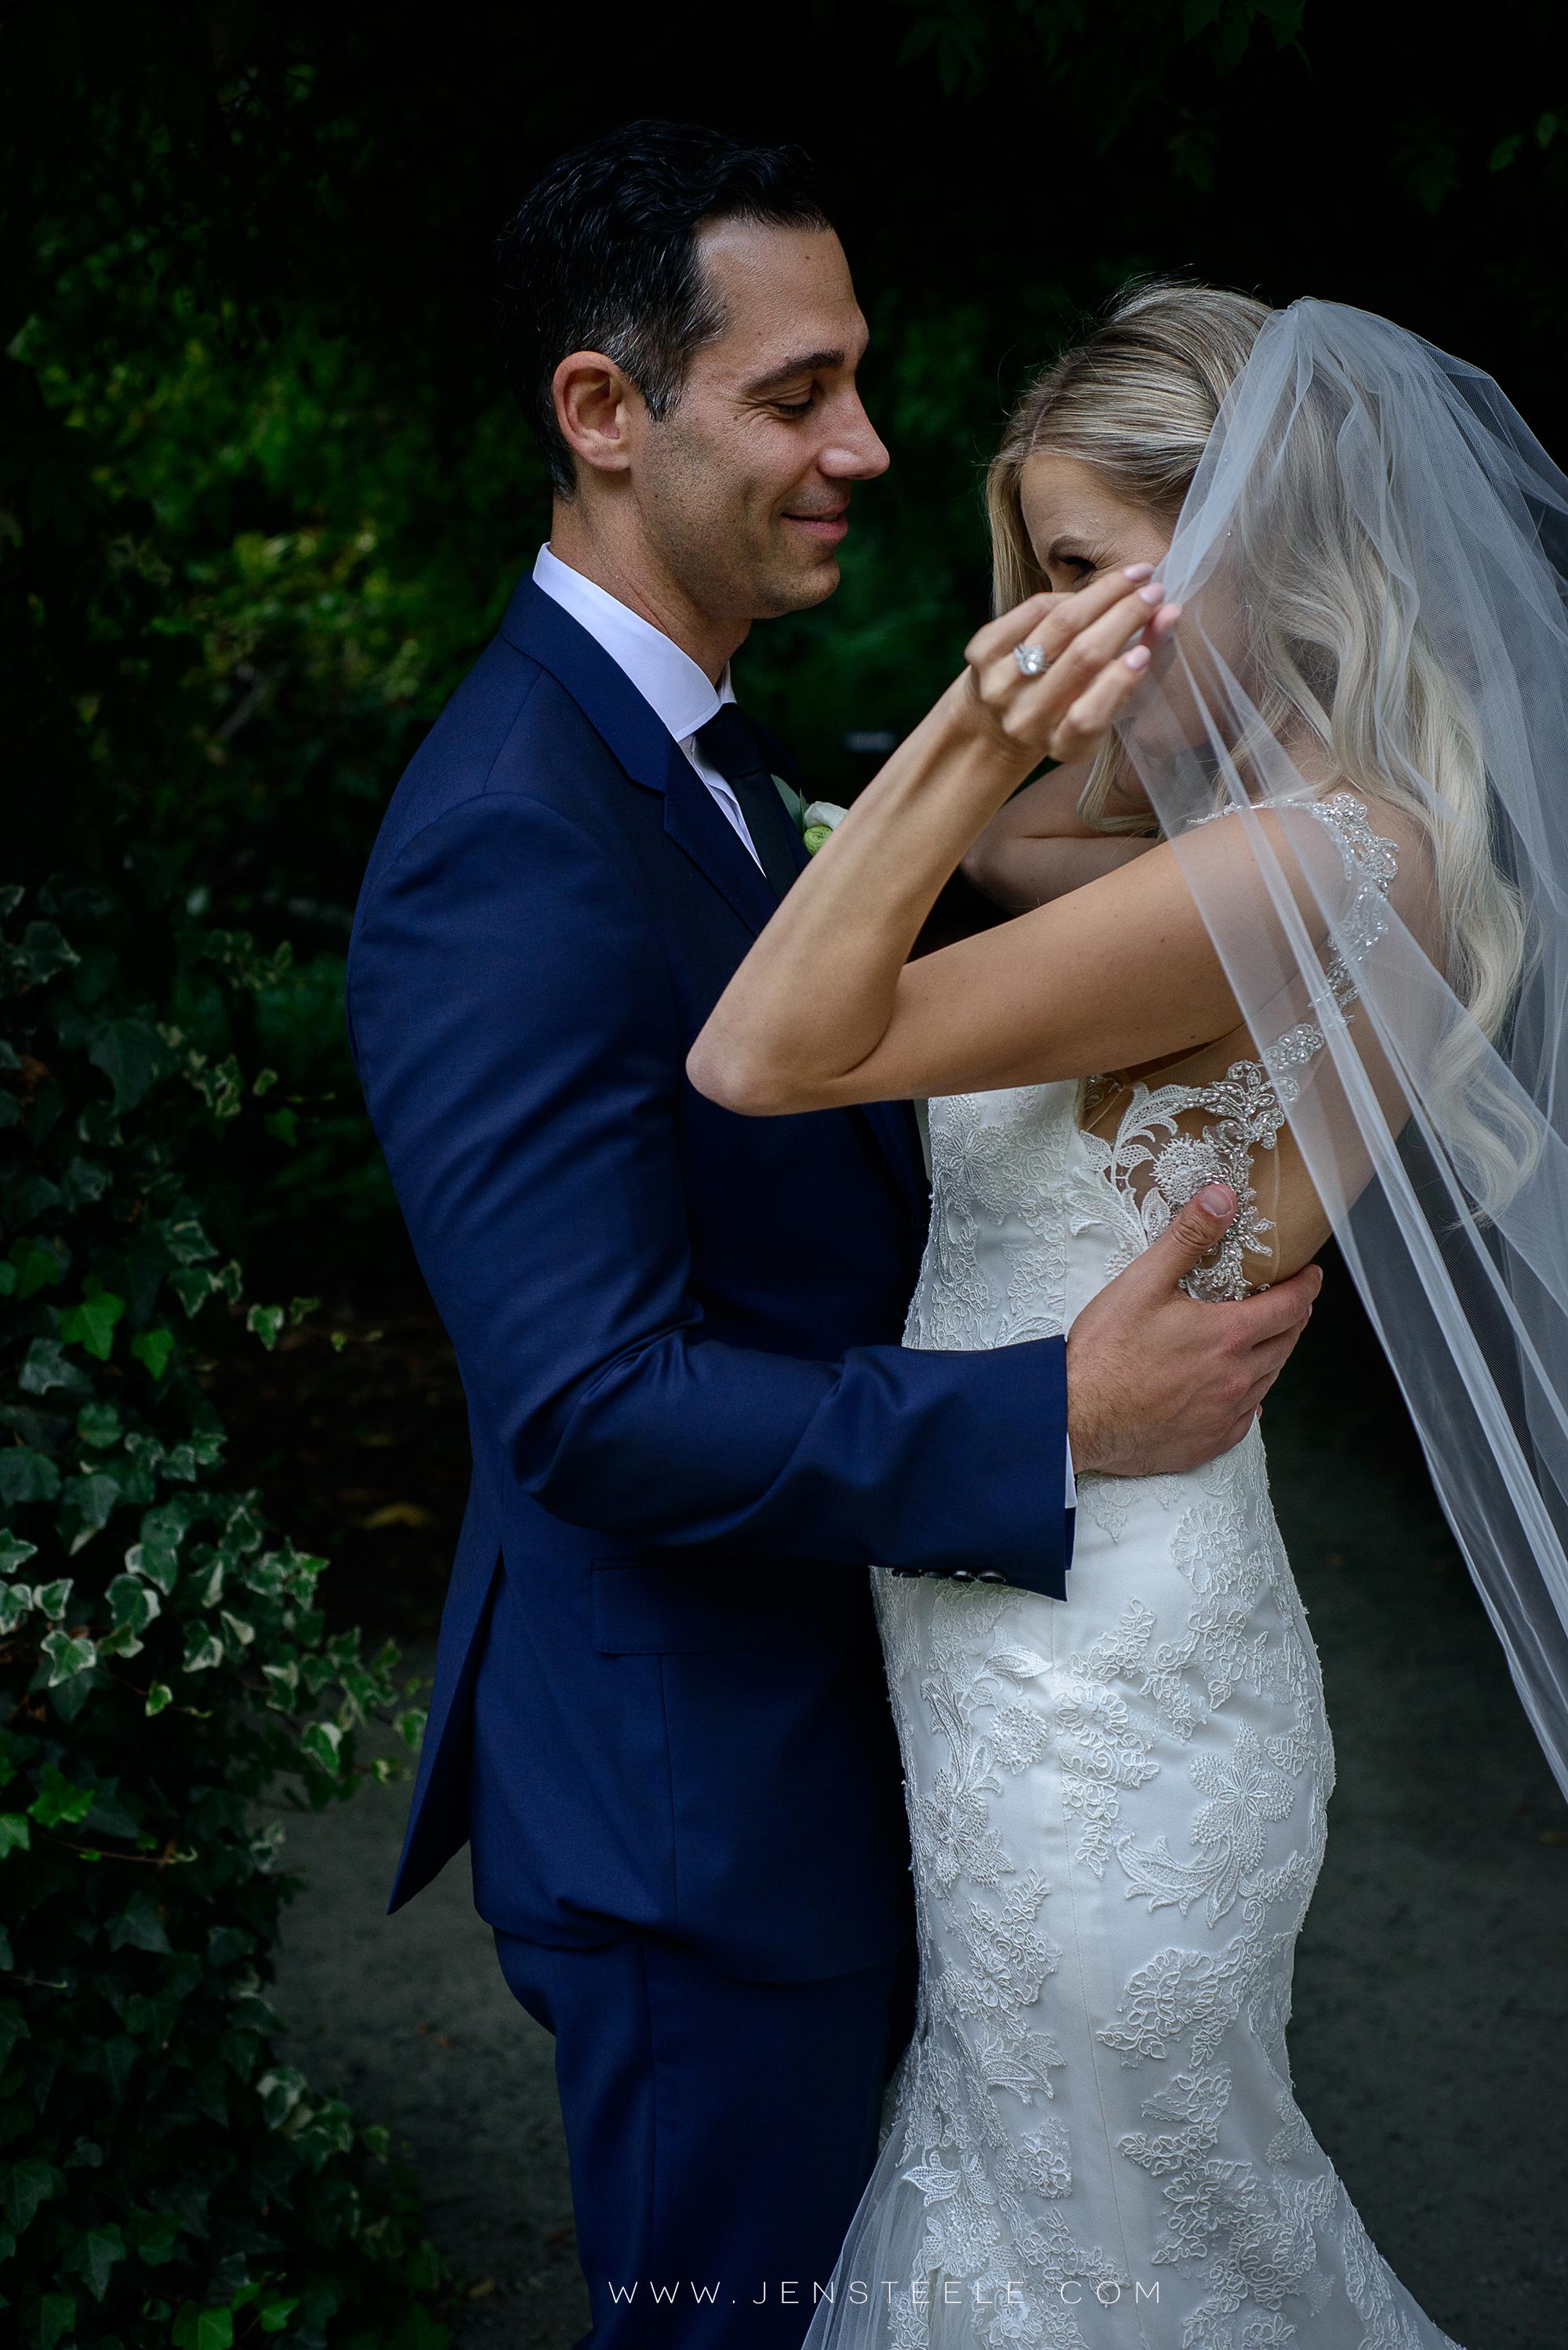 Wedding By The Sea Obbh Jen Steele